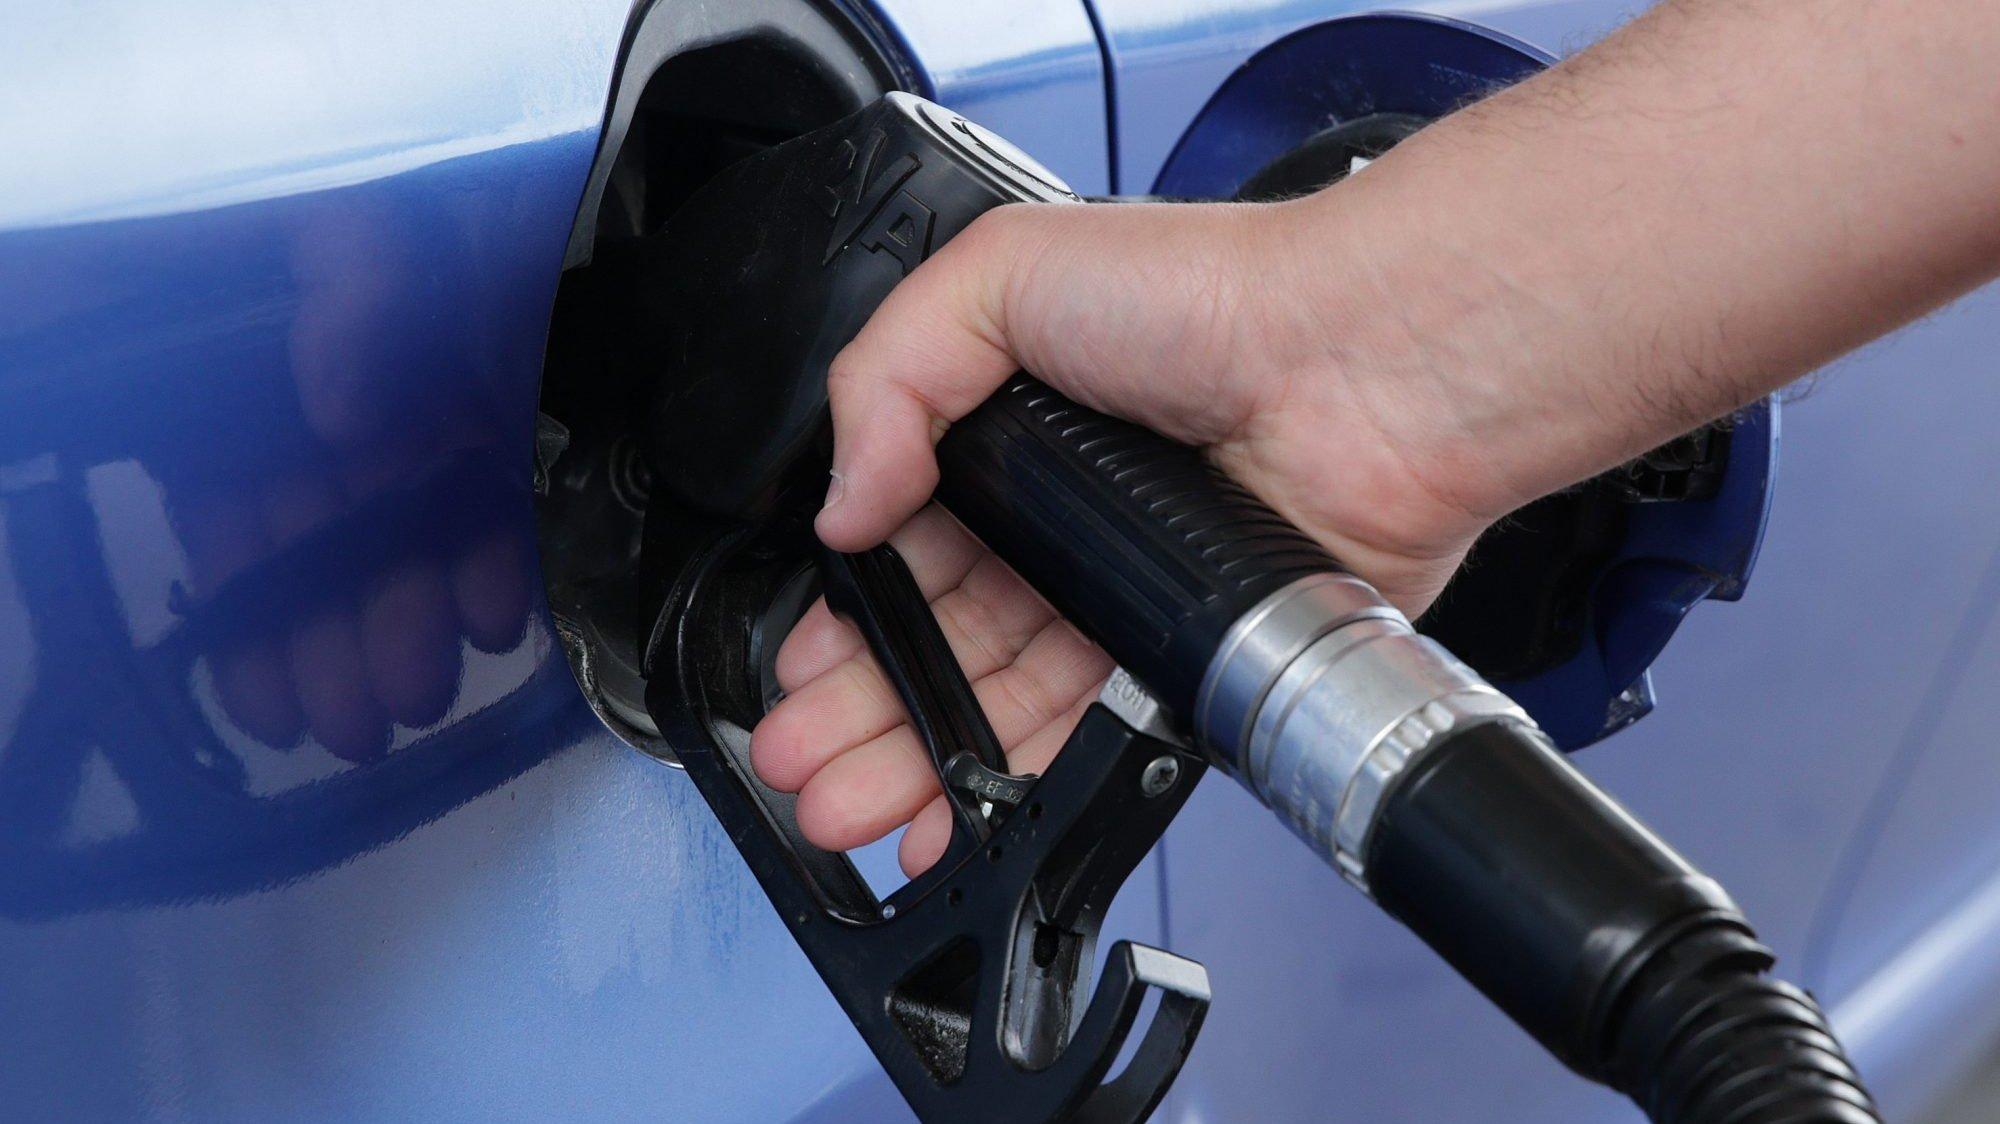 Abastecimento de combustível - foto genérica